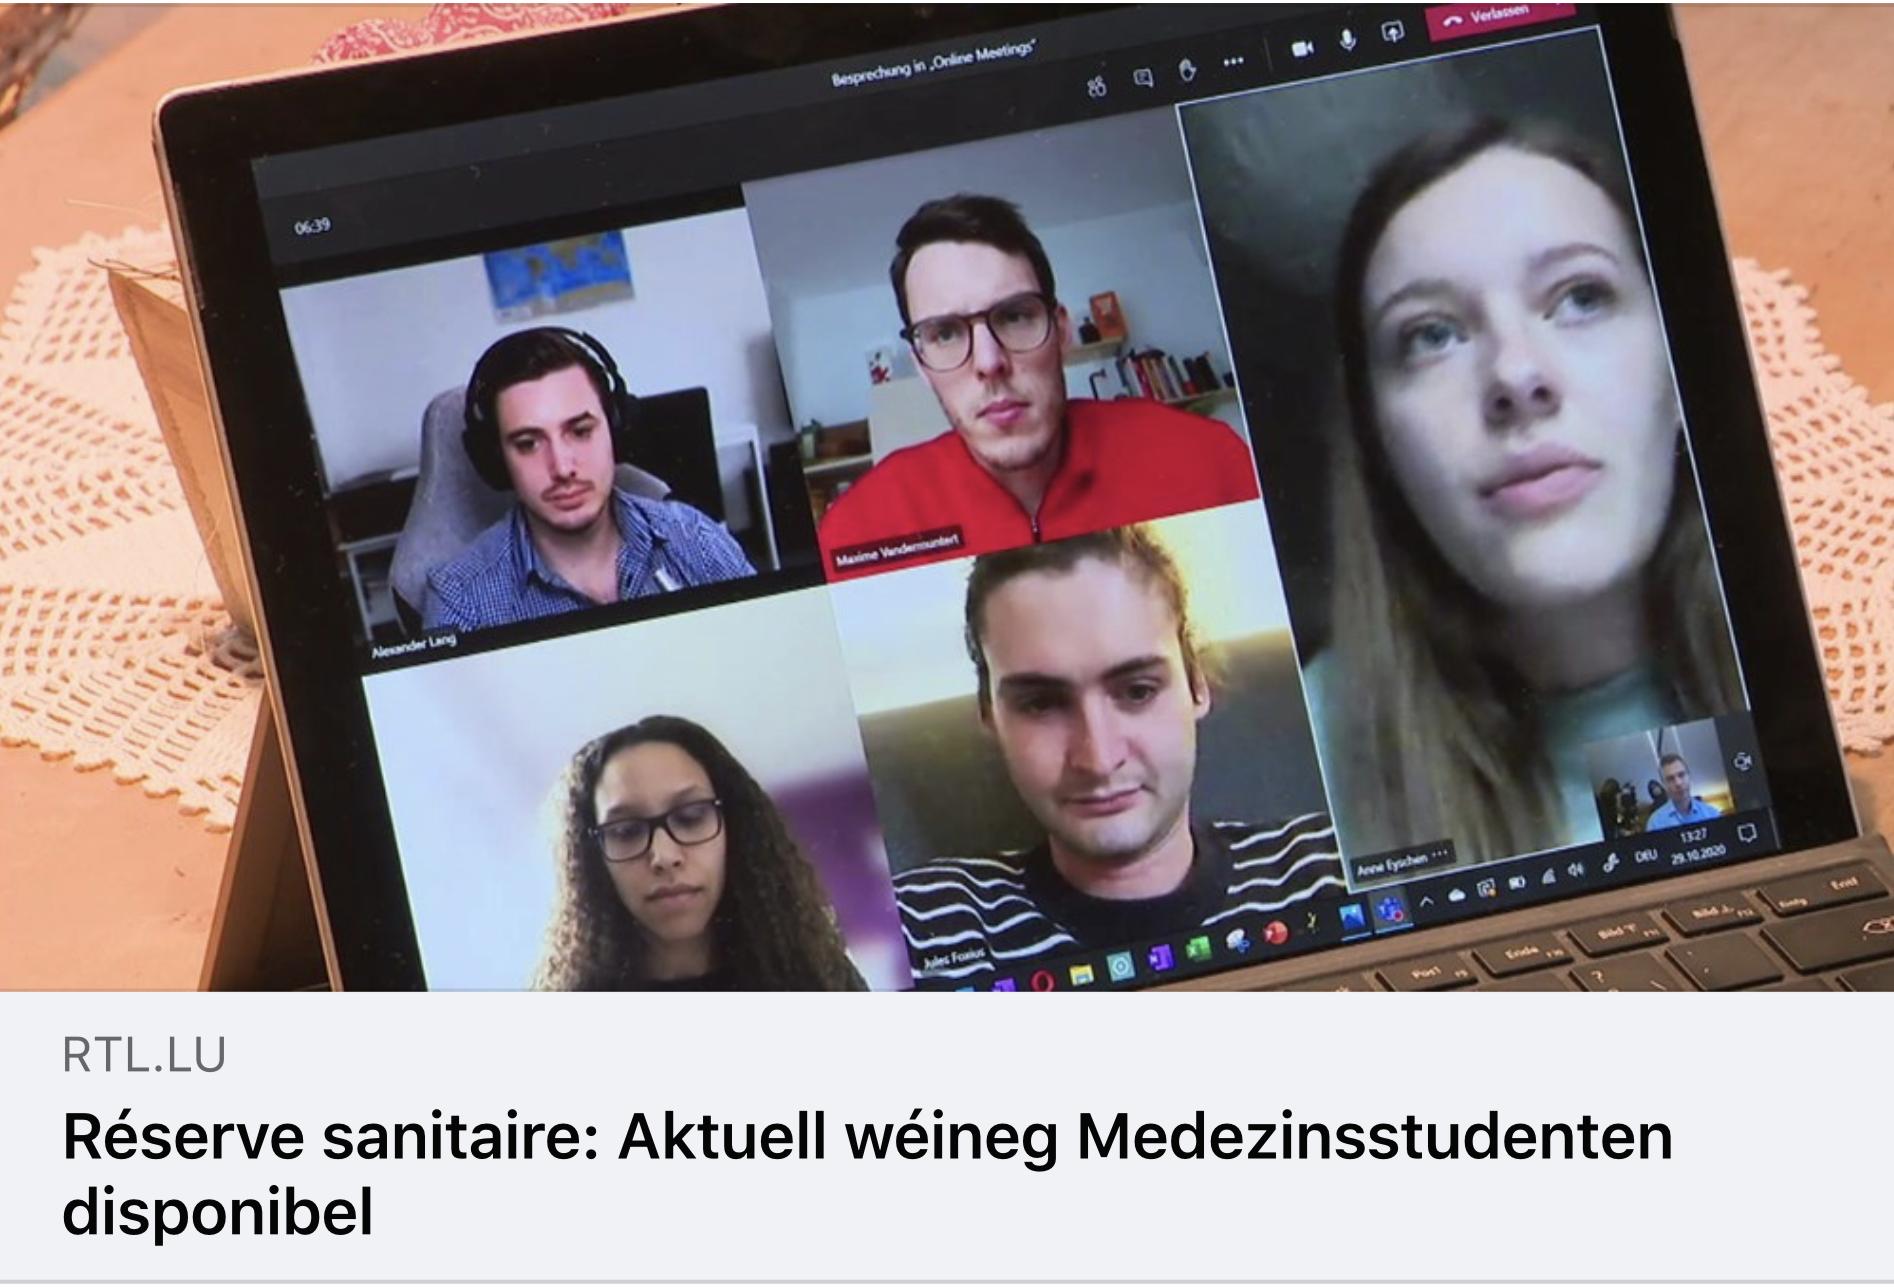 RTL Beitrag zur Reserve Sanitaire